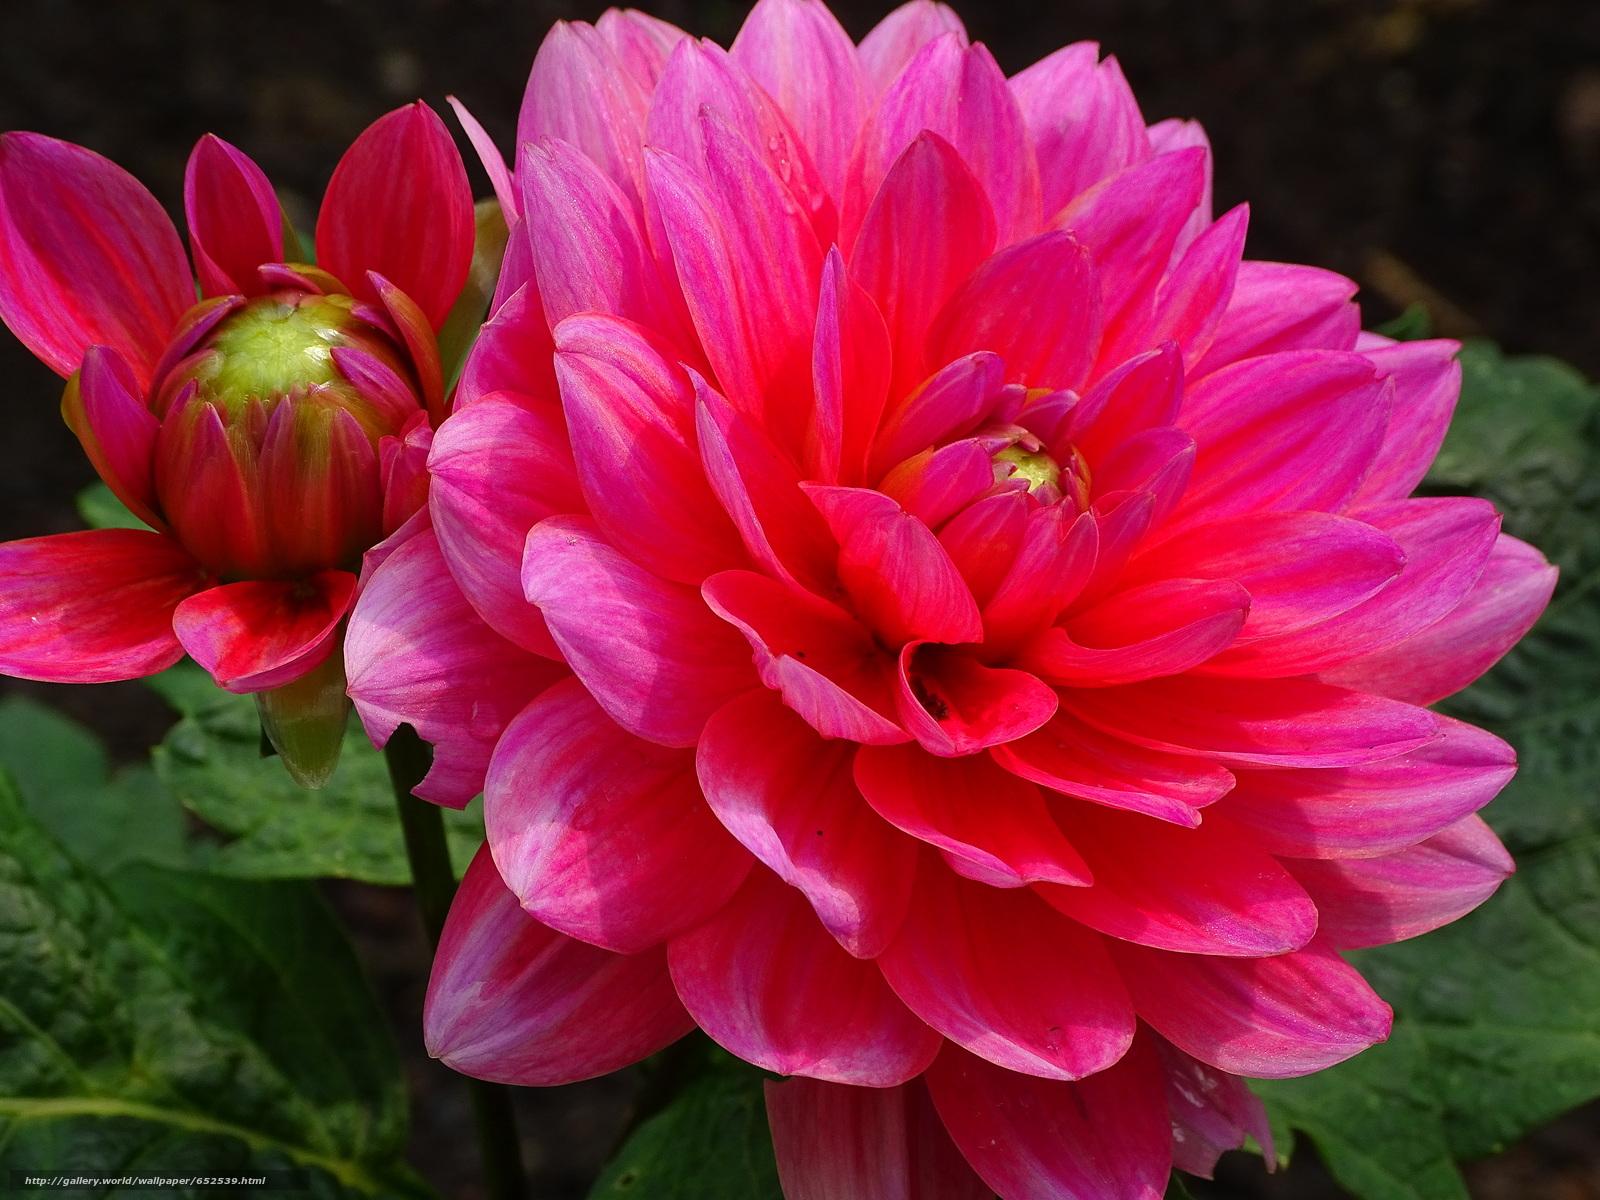 Скачать обои Dahlia,  георгин,  цветок,  флора бесплатно для рабочего стола в разрешении 5184x3888 — картинка №652539